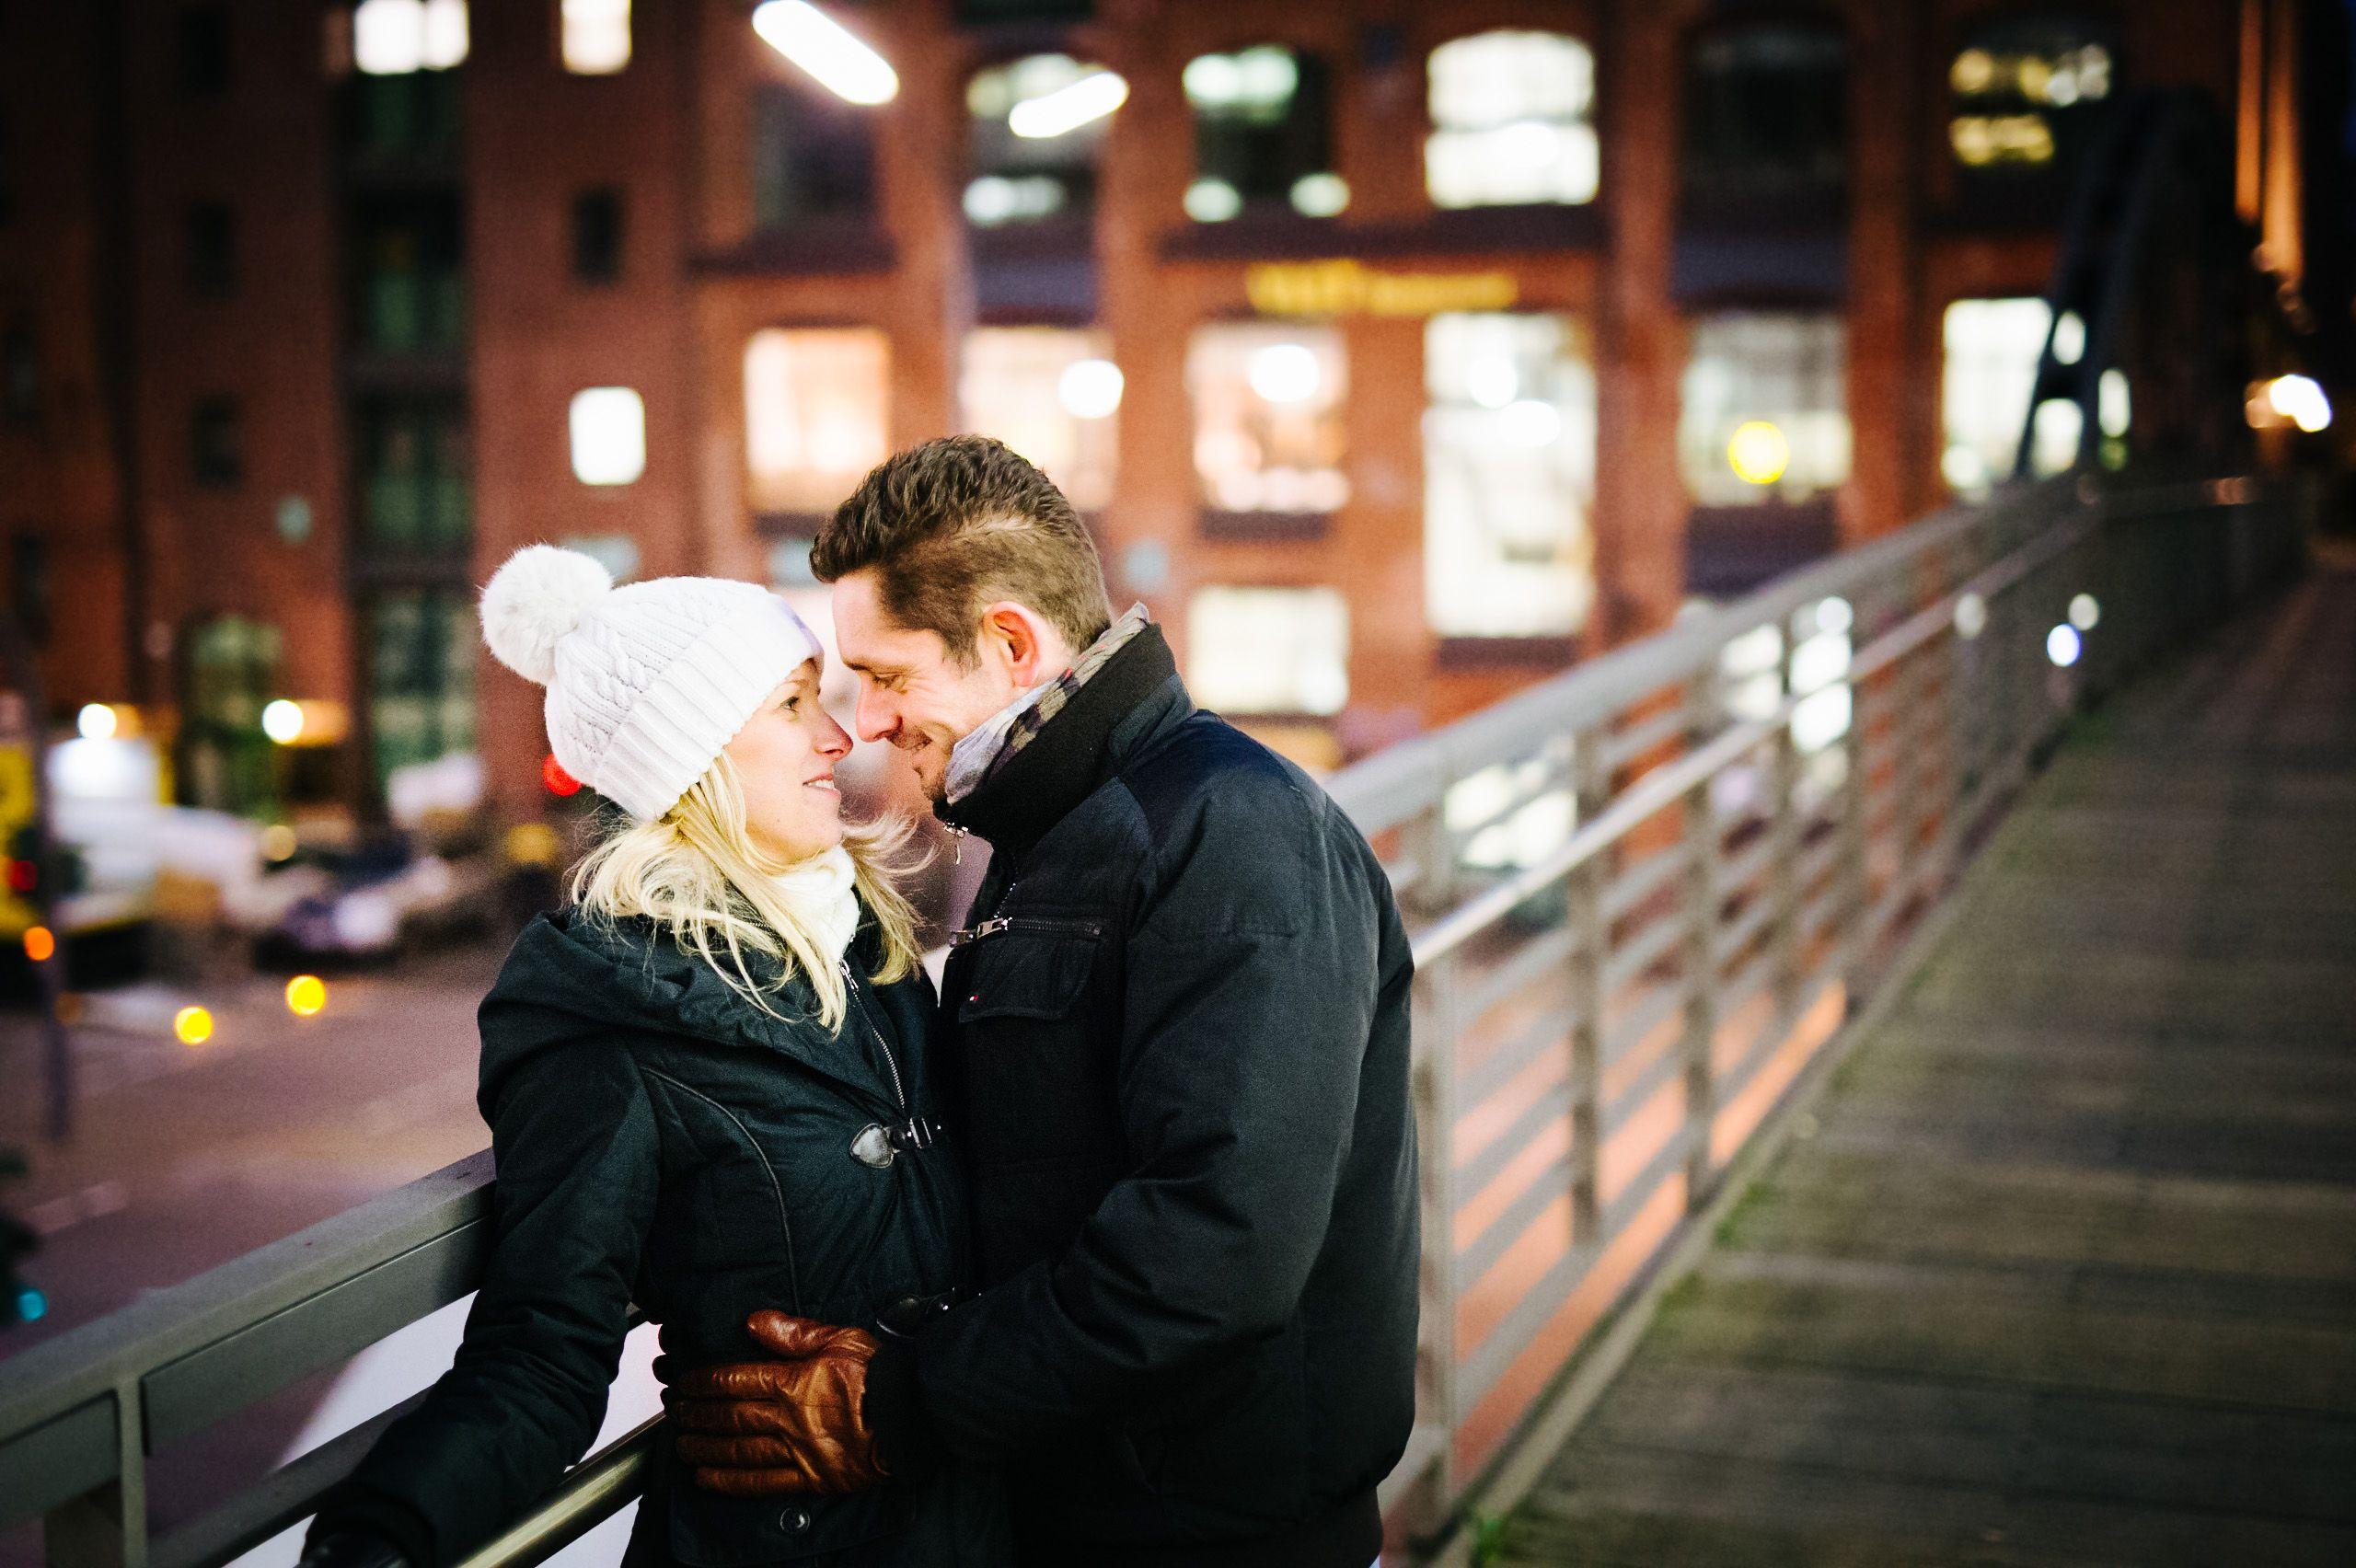 Paarshooting in Hamburg in der Hafencity grenze Speicherstadt.  See more on www.tr-hochzeitsfotografie.de  Röhricht Wedding Photography - Hochzeitsfotograf aus Stade bei Hamburg